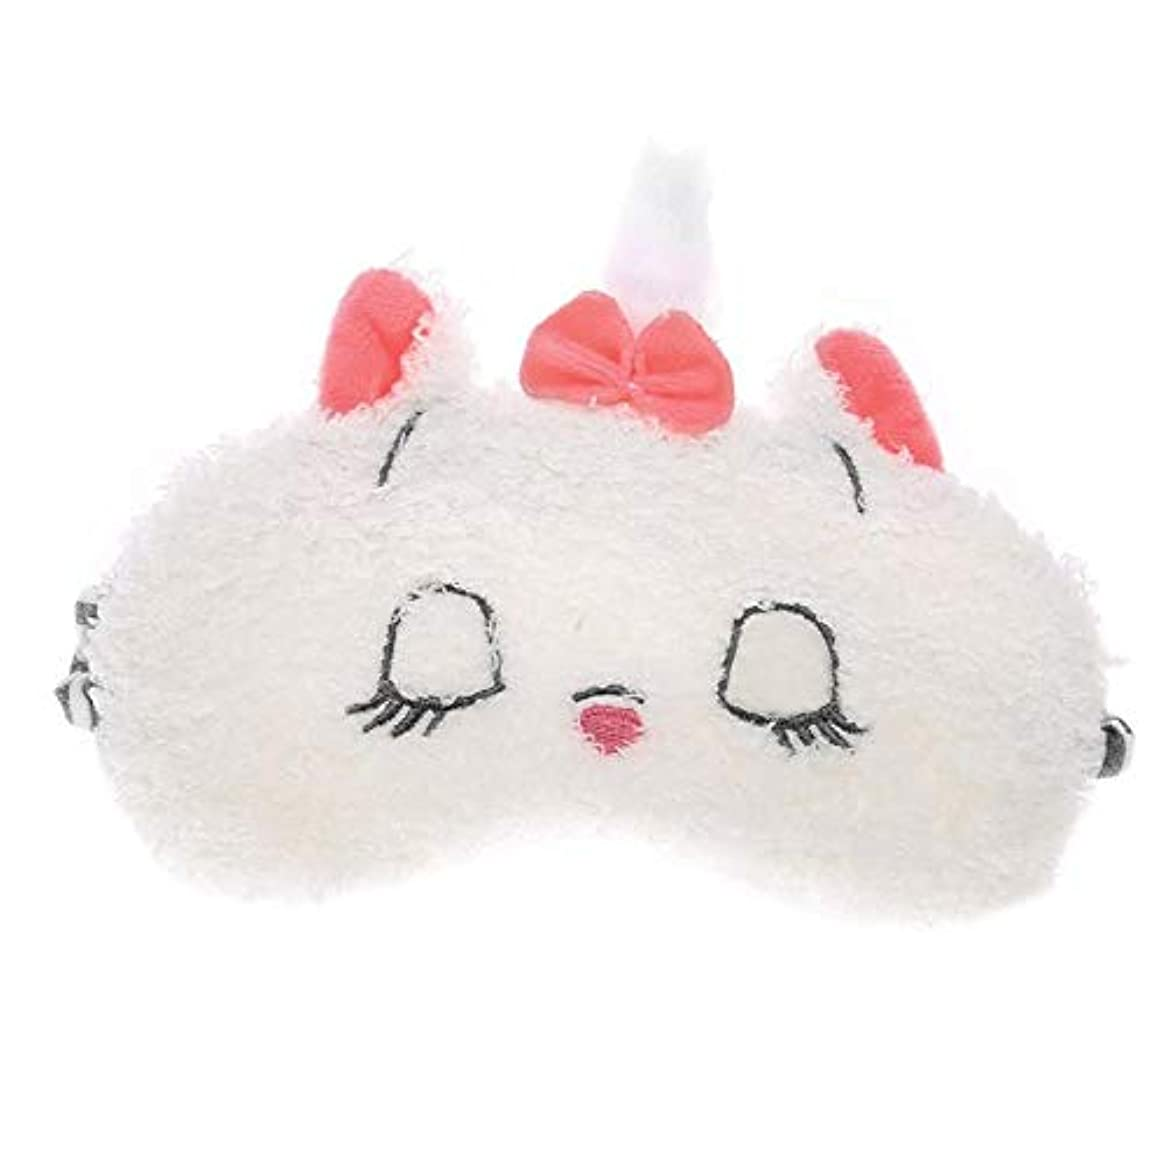 おびえた遮るモジュールNOTE スーパーソフト漫画アイカバー睡眠マスクアイパッチかわいい猫クマ旅行目隠しシールド両面豪華なアイシェード睡眠昼寝エイド